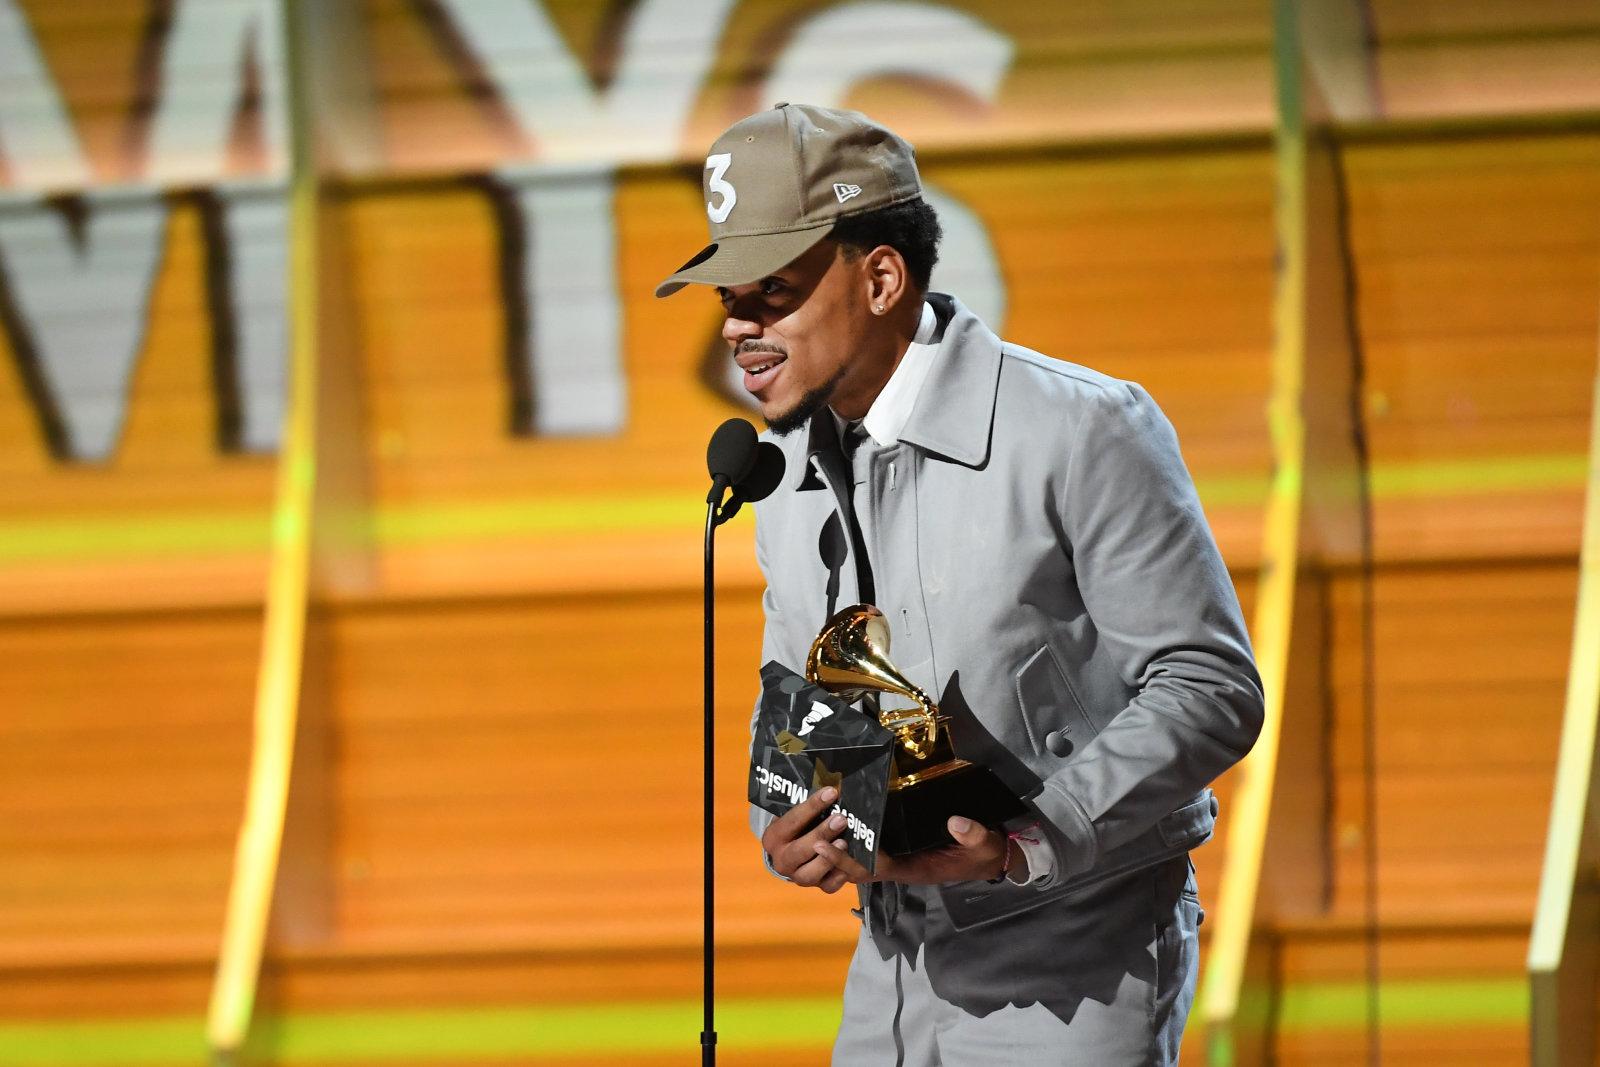 Chance The Rapper gewinnt ersten Grammy für Stream-Only-Album